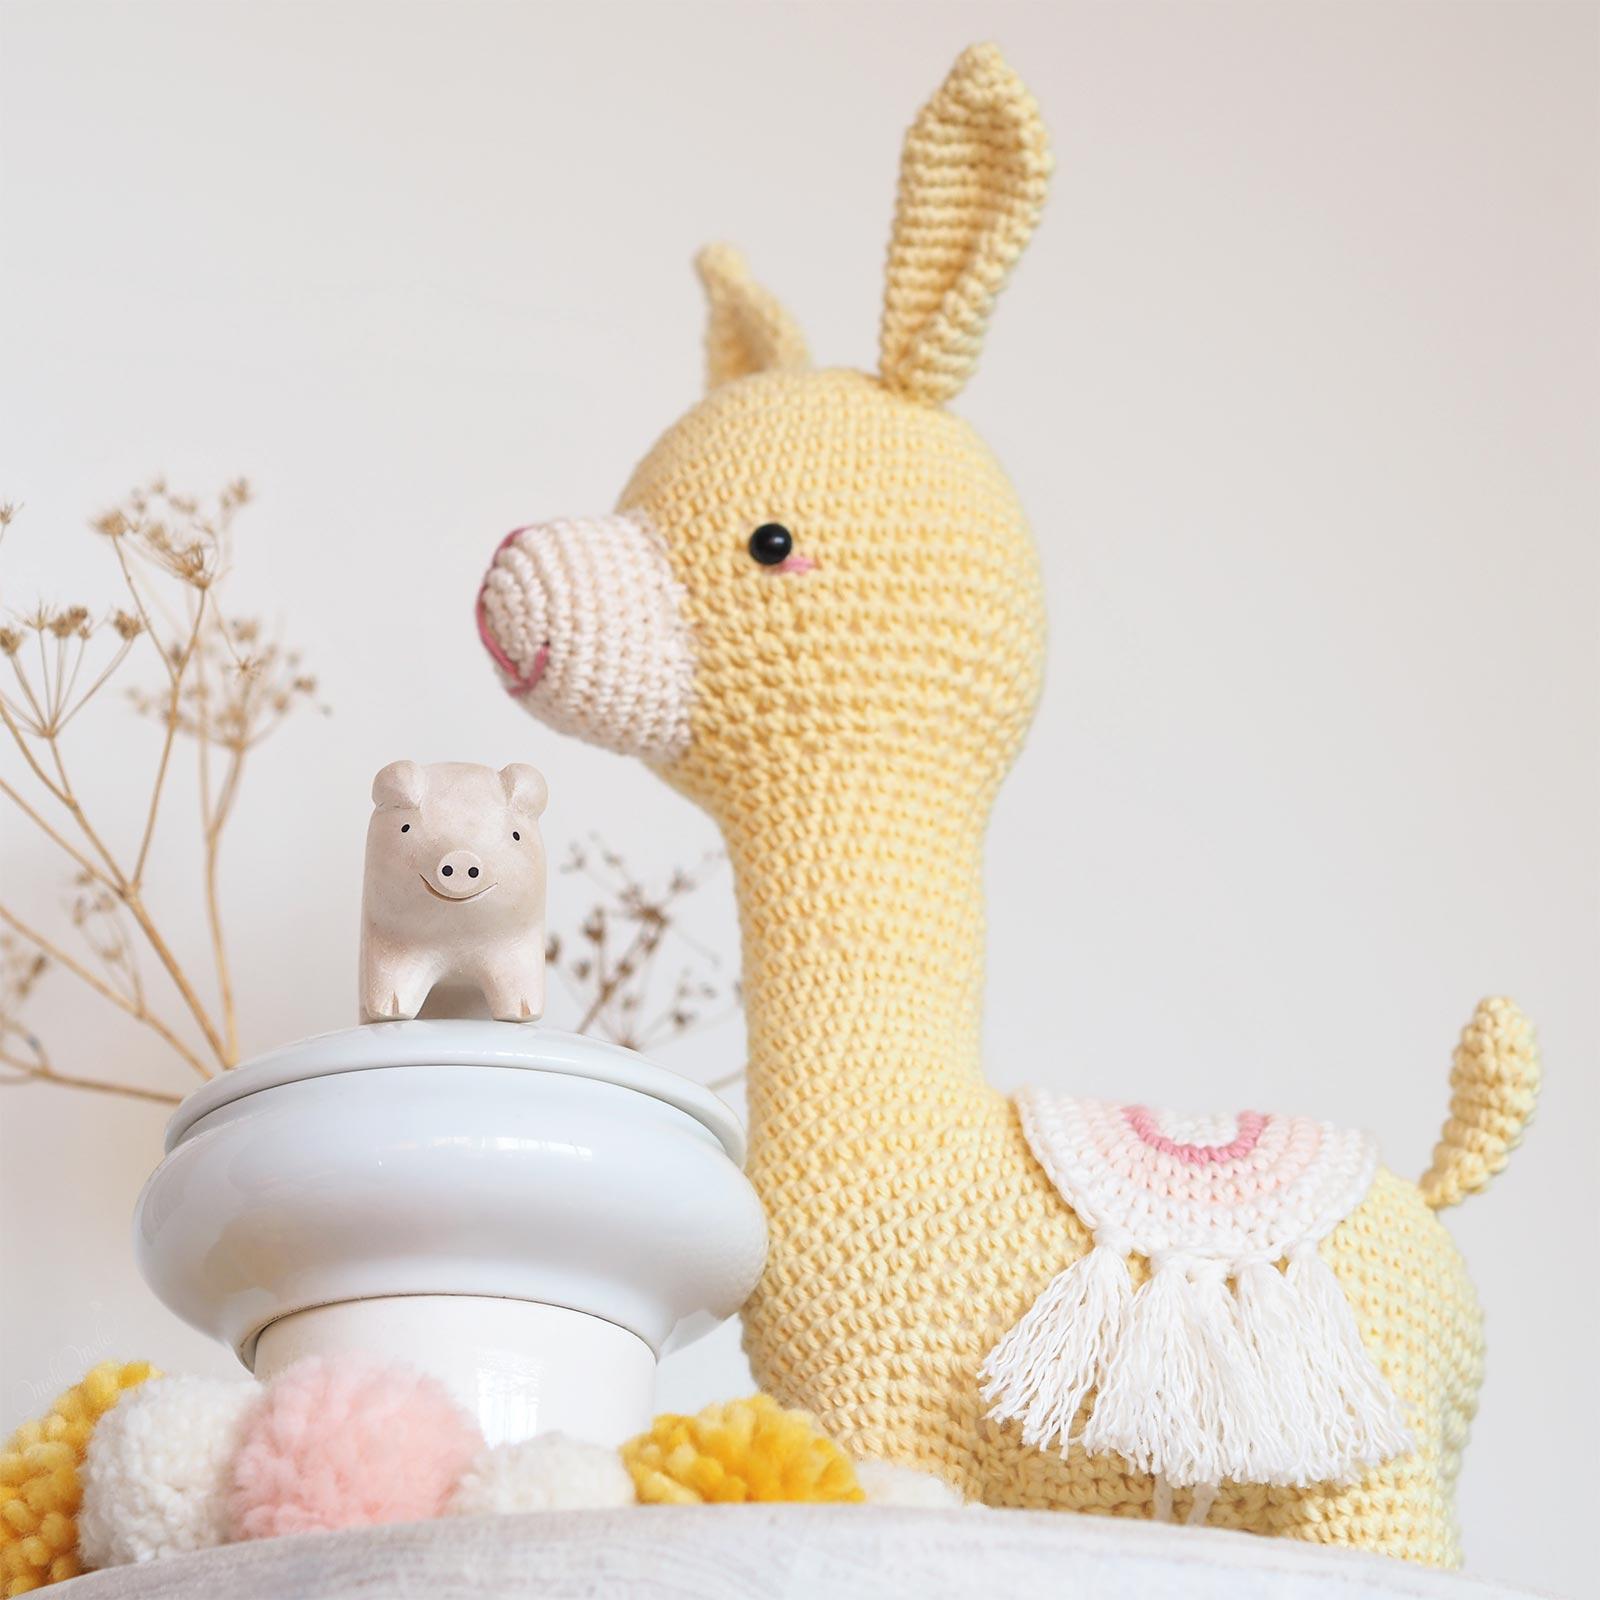 cochon tlabjapan doudou marcia alpaca amigurumi picapau crochet lama alpaga laboutiquedemelimelo